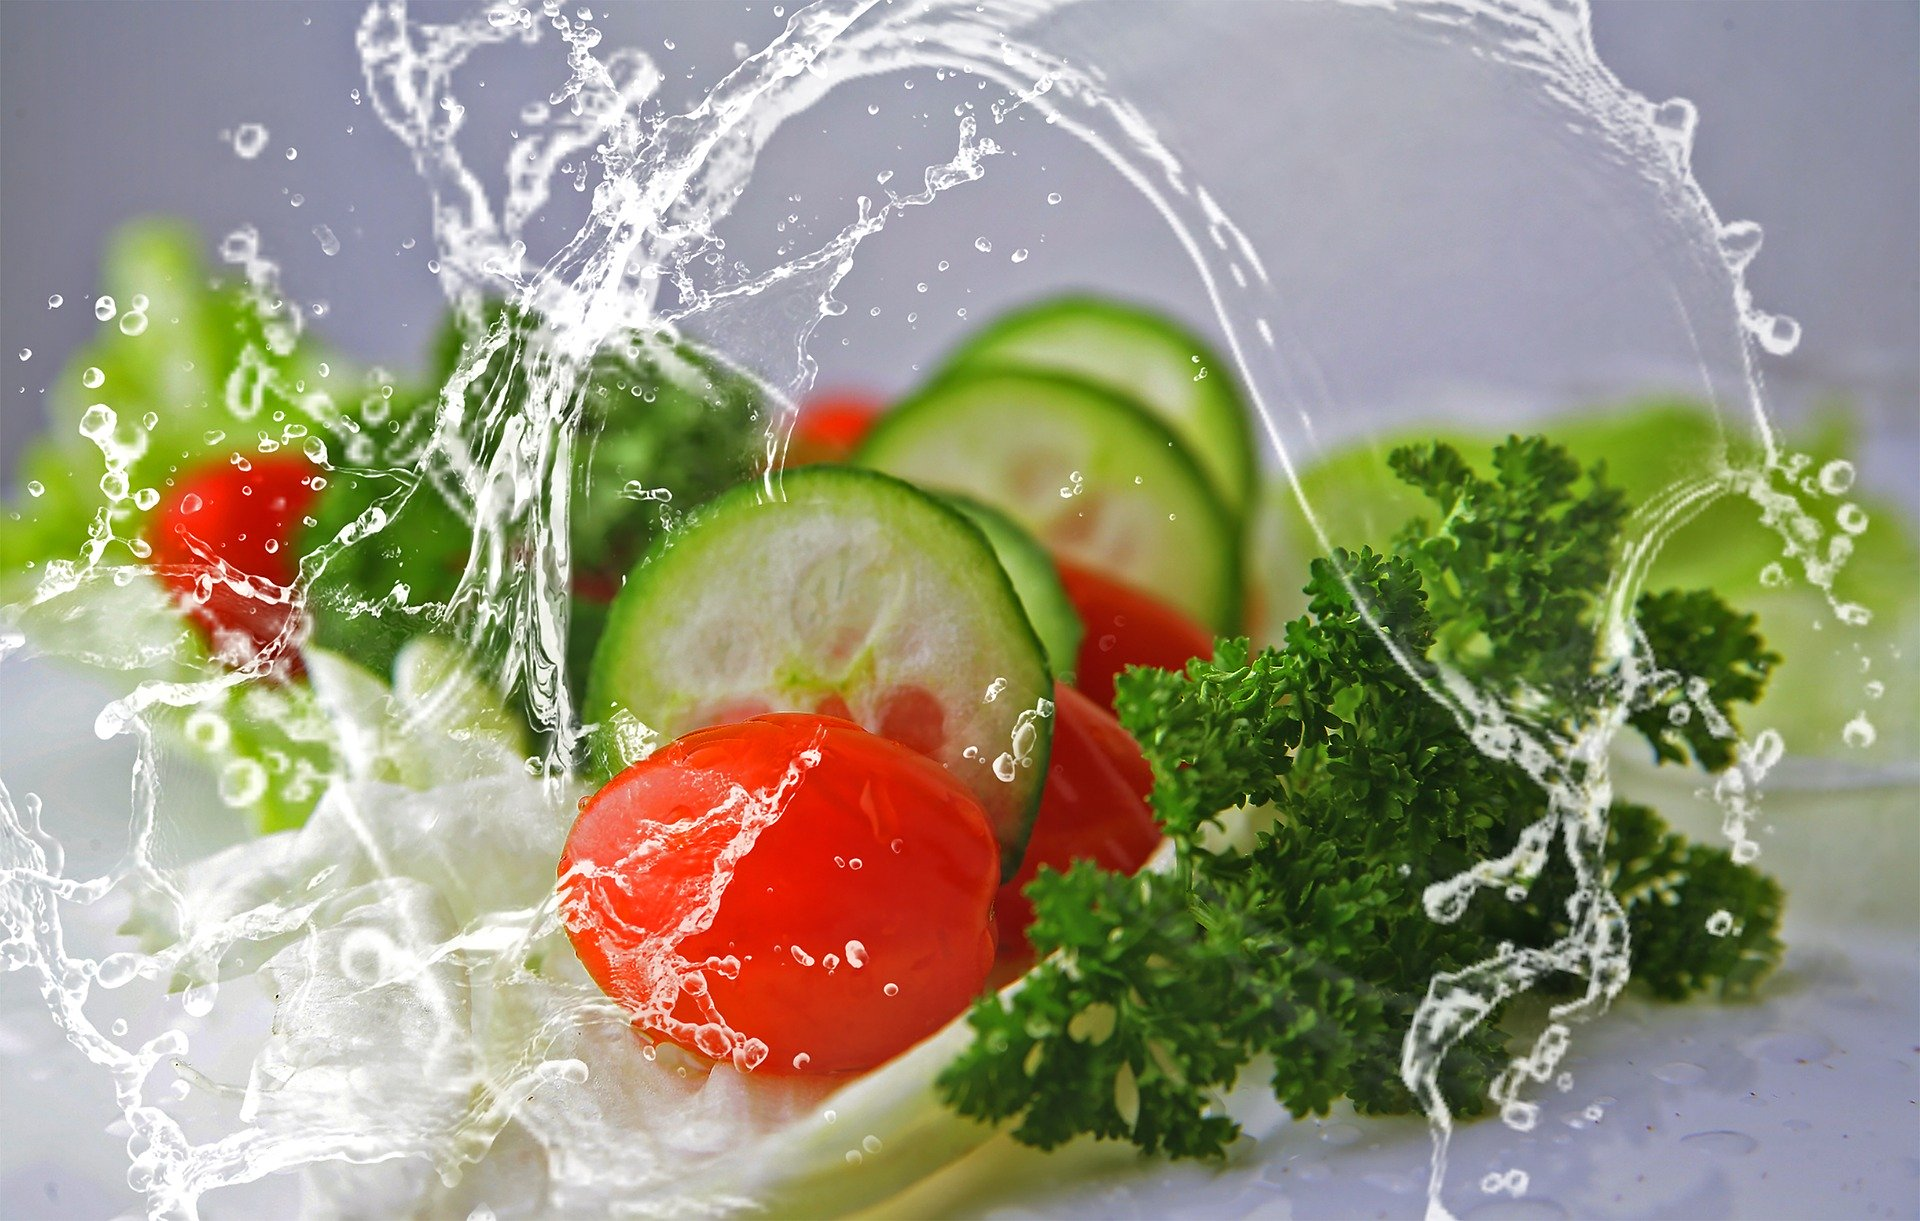 Příčiny zadržování vody v organismu a způsoby odvodnění